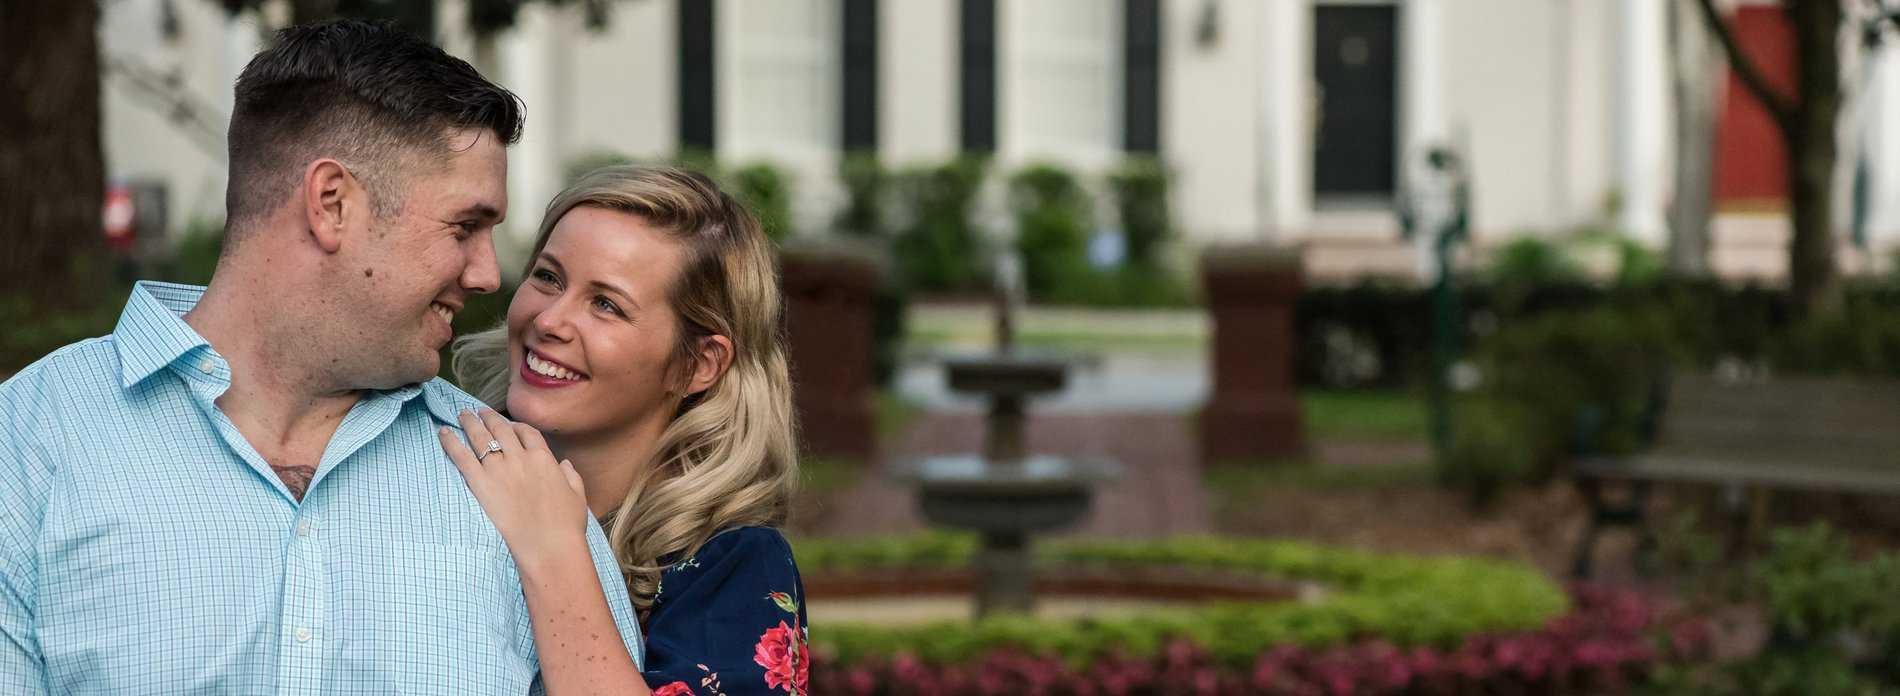 Celebration, Florida Engagement Session